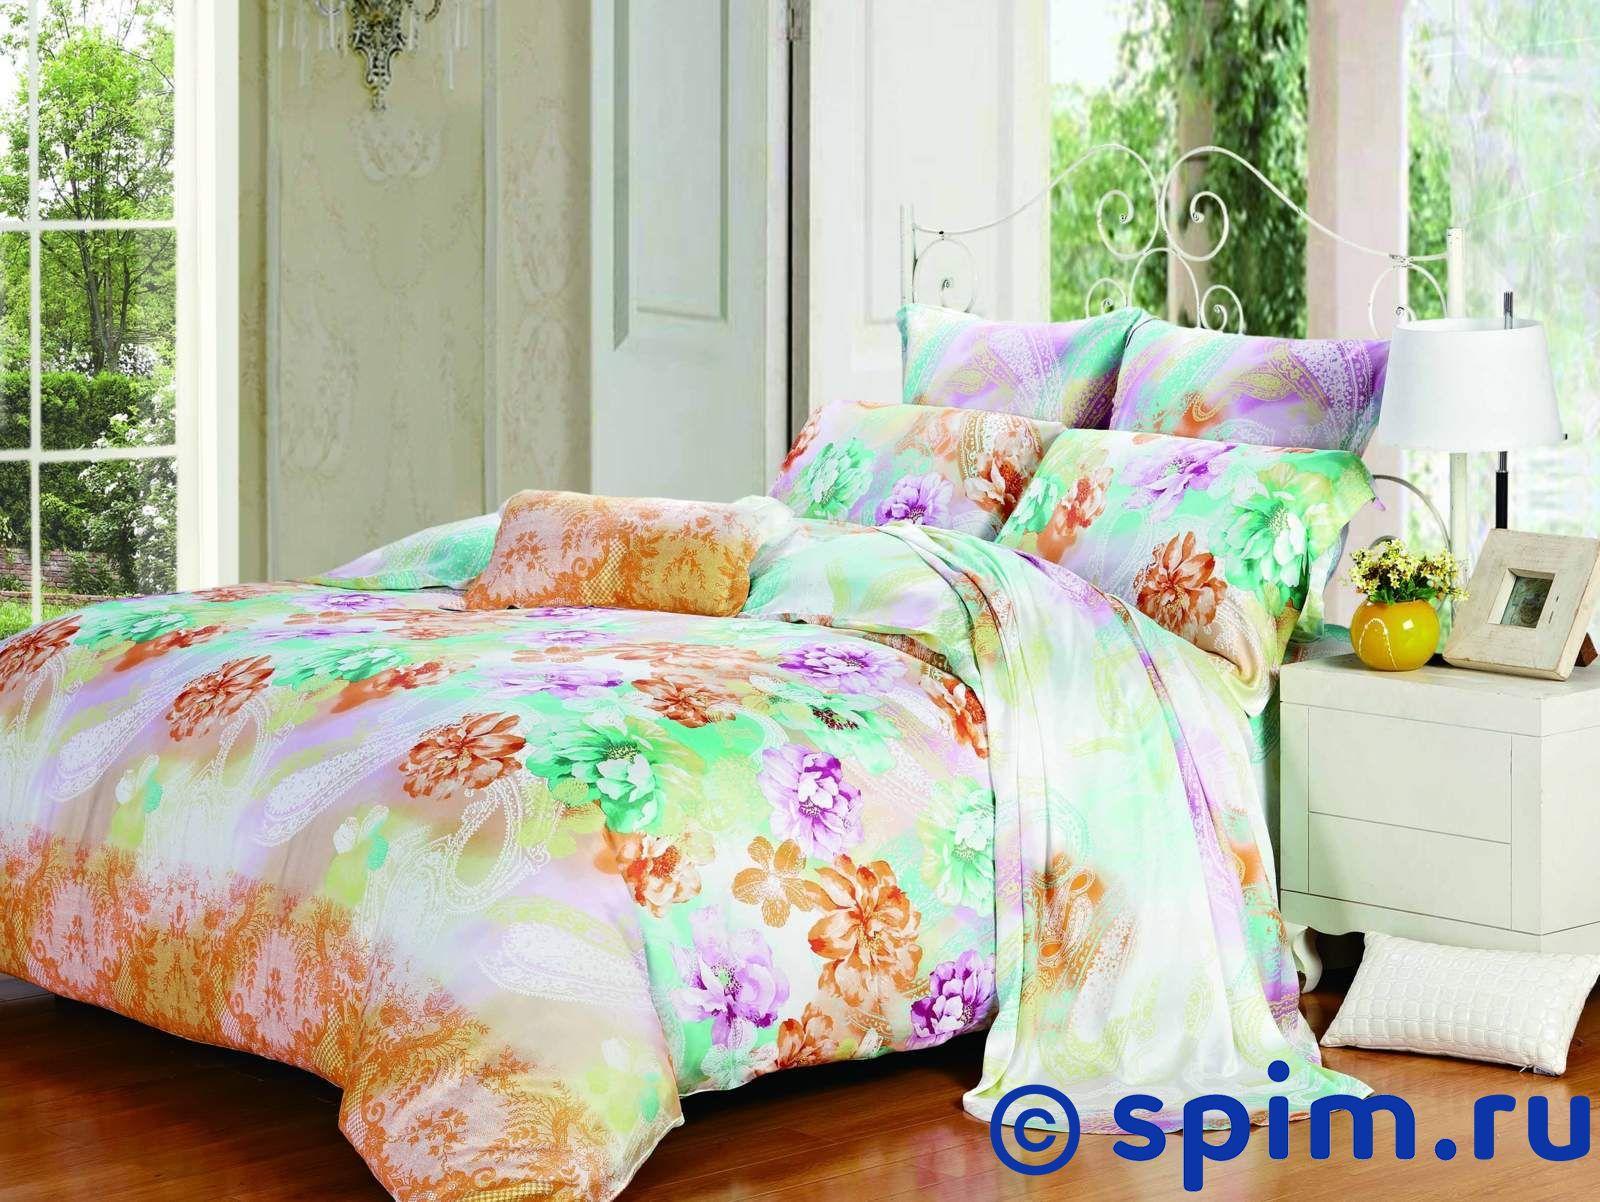 Постельное белье СайлиД E47 Евро-стандарт постельное белье luxe dream шоколад евро стандарт